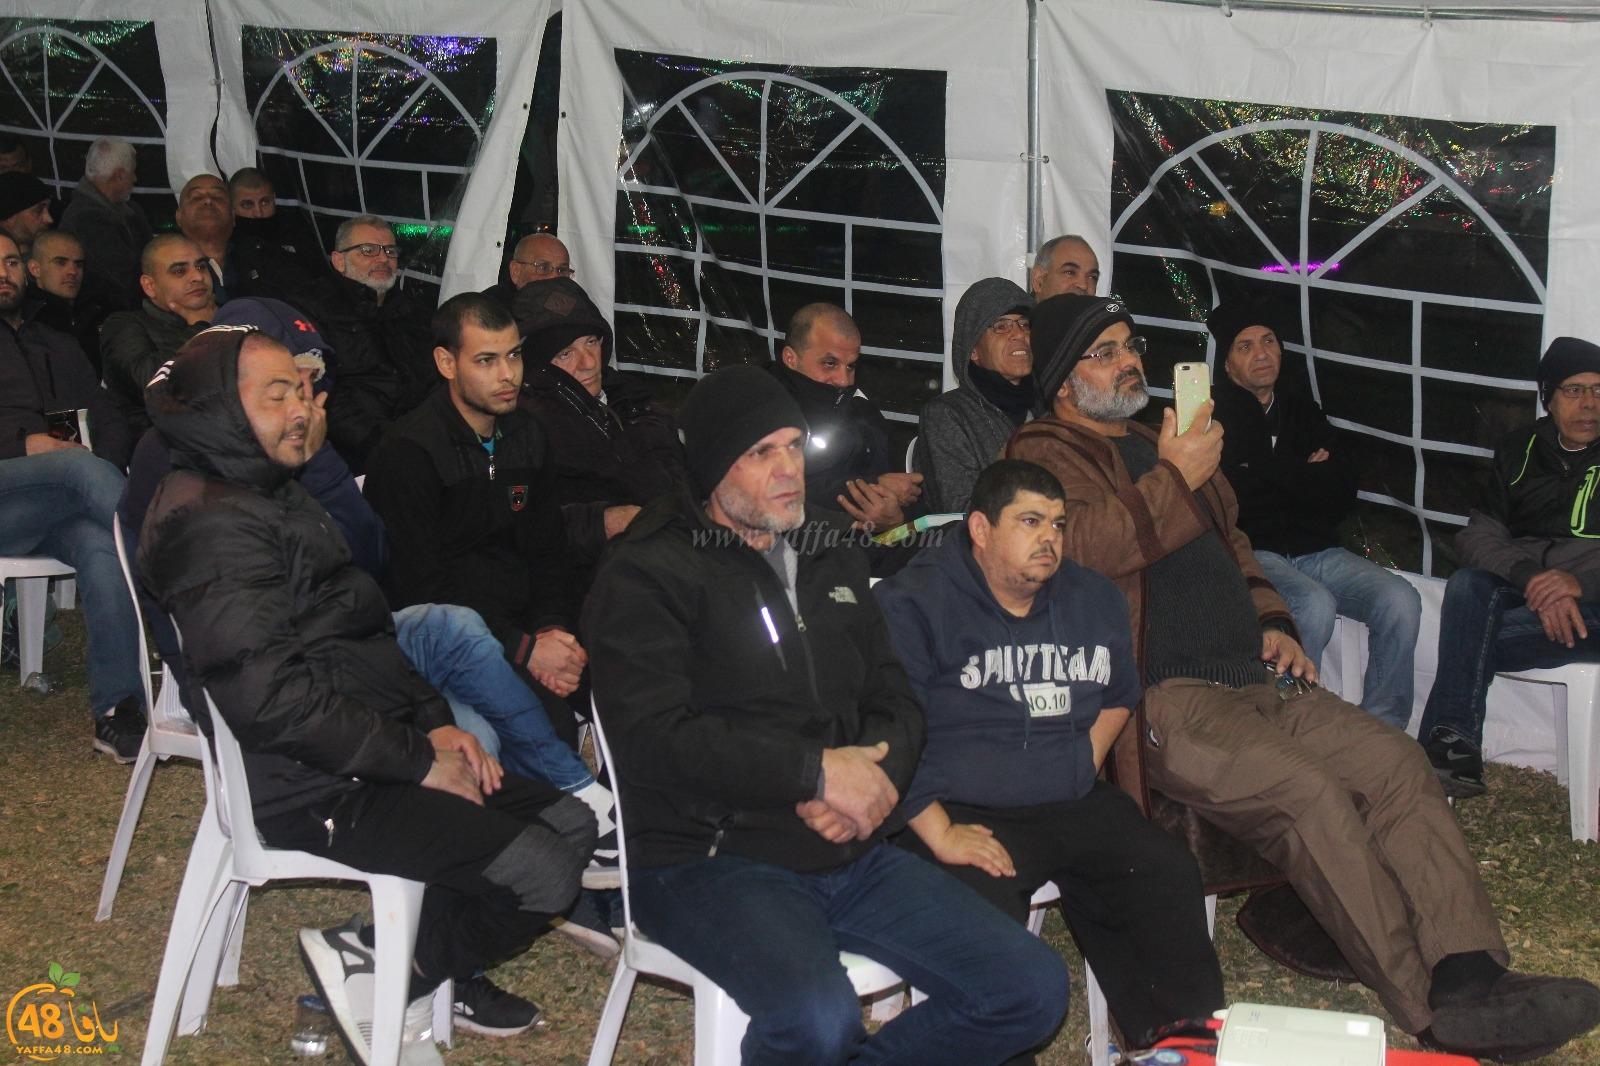 بالصور: خيمة الهدى الدعوية تُنظم أمسية دعوية في ضيافة عائلة دريعي بيافا